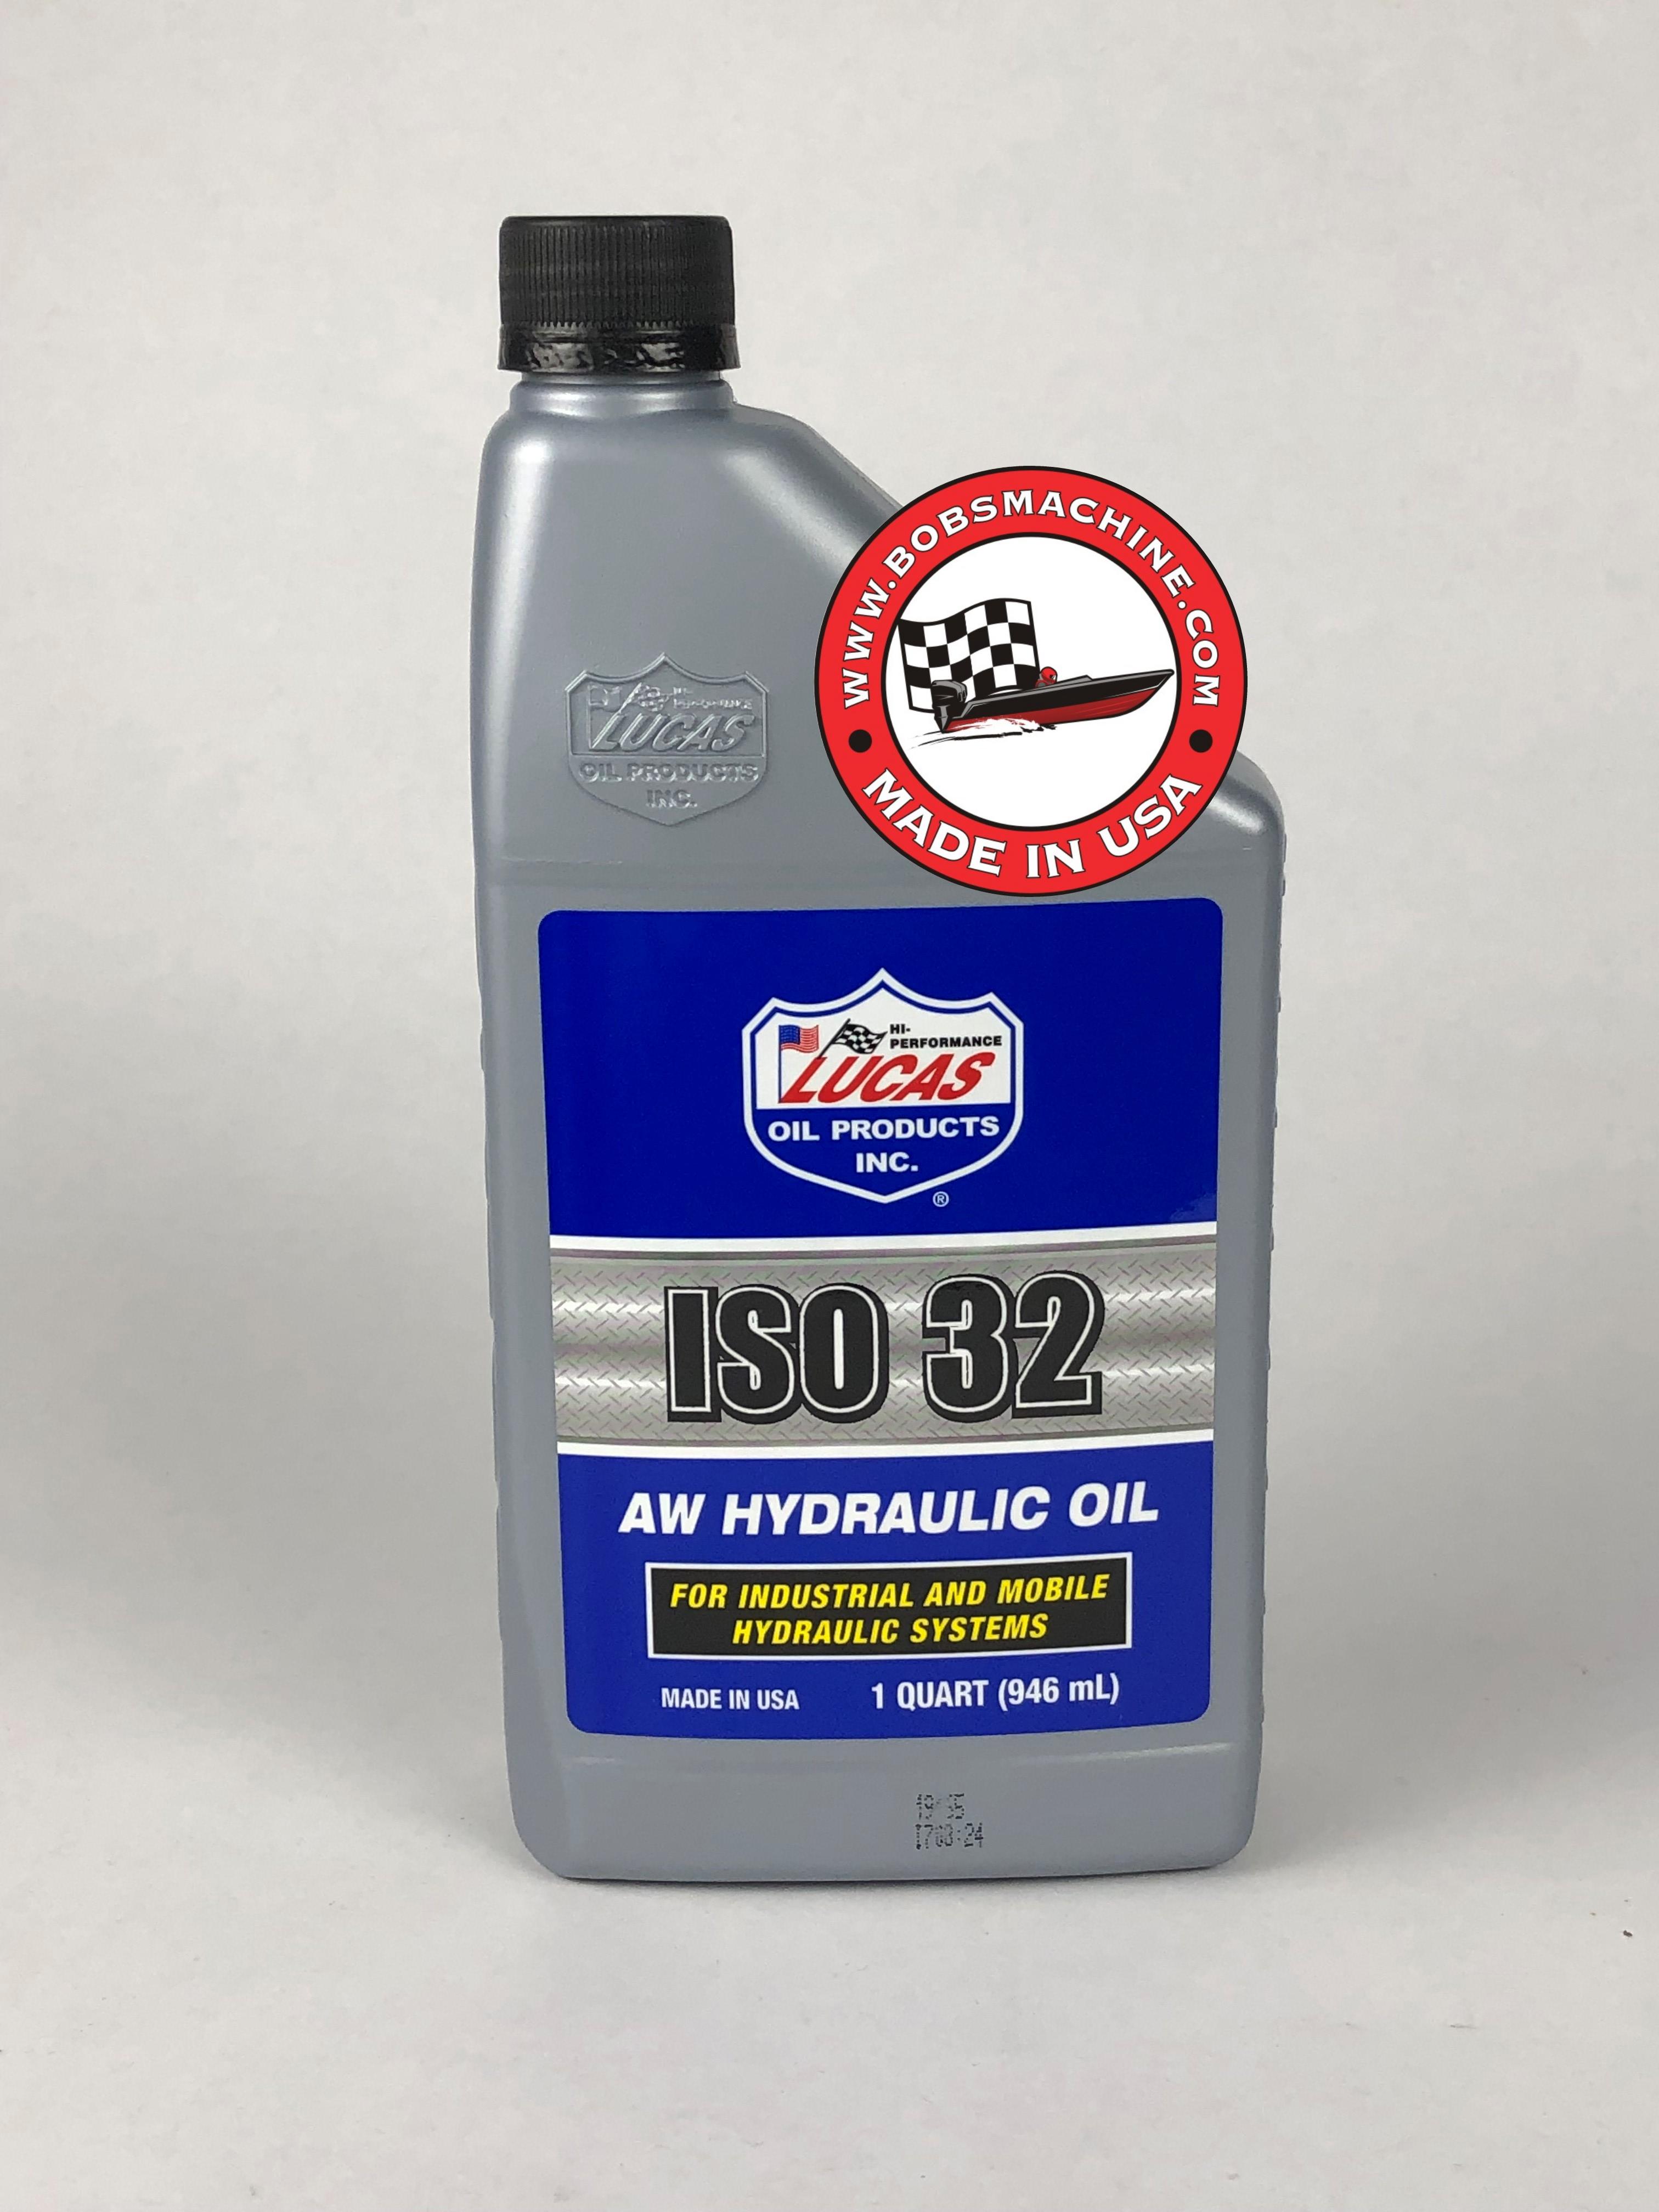 Jack Plate Oil - Fluid